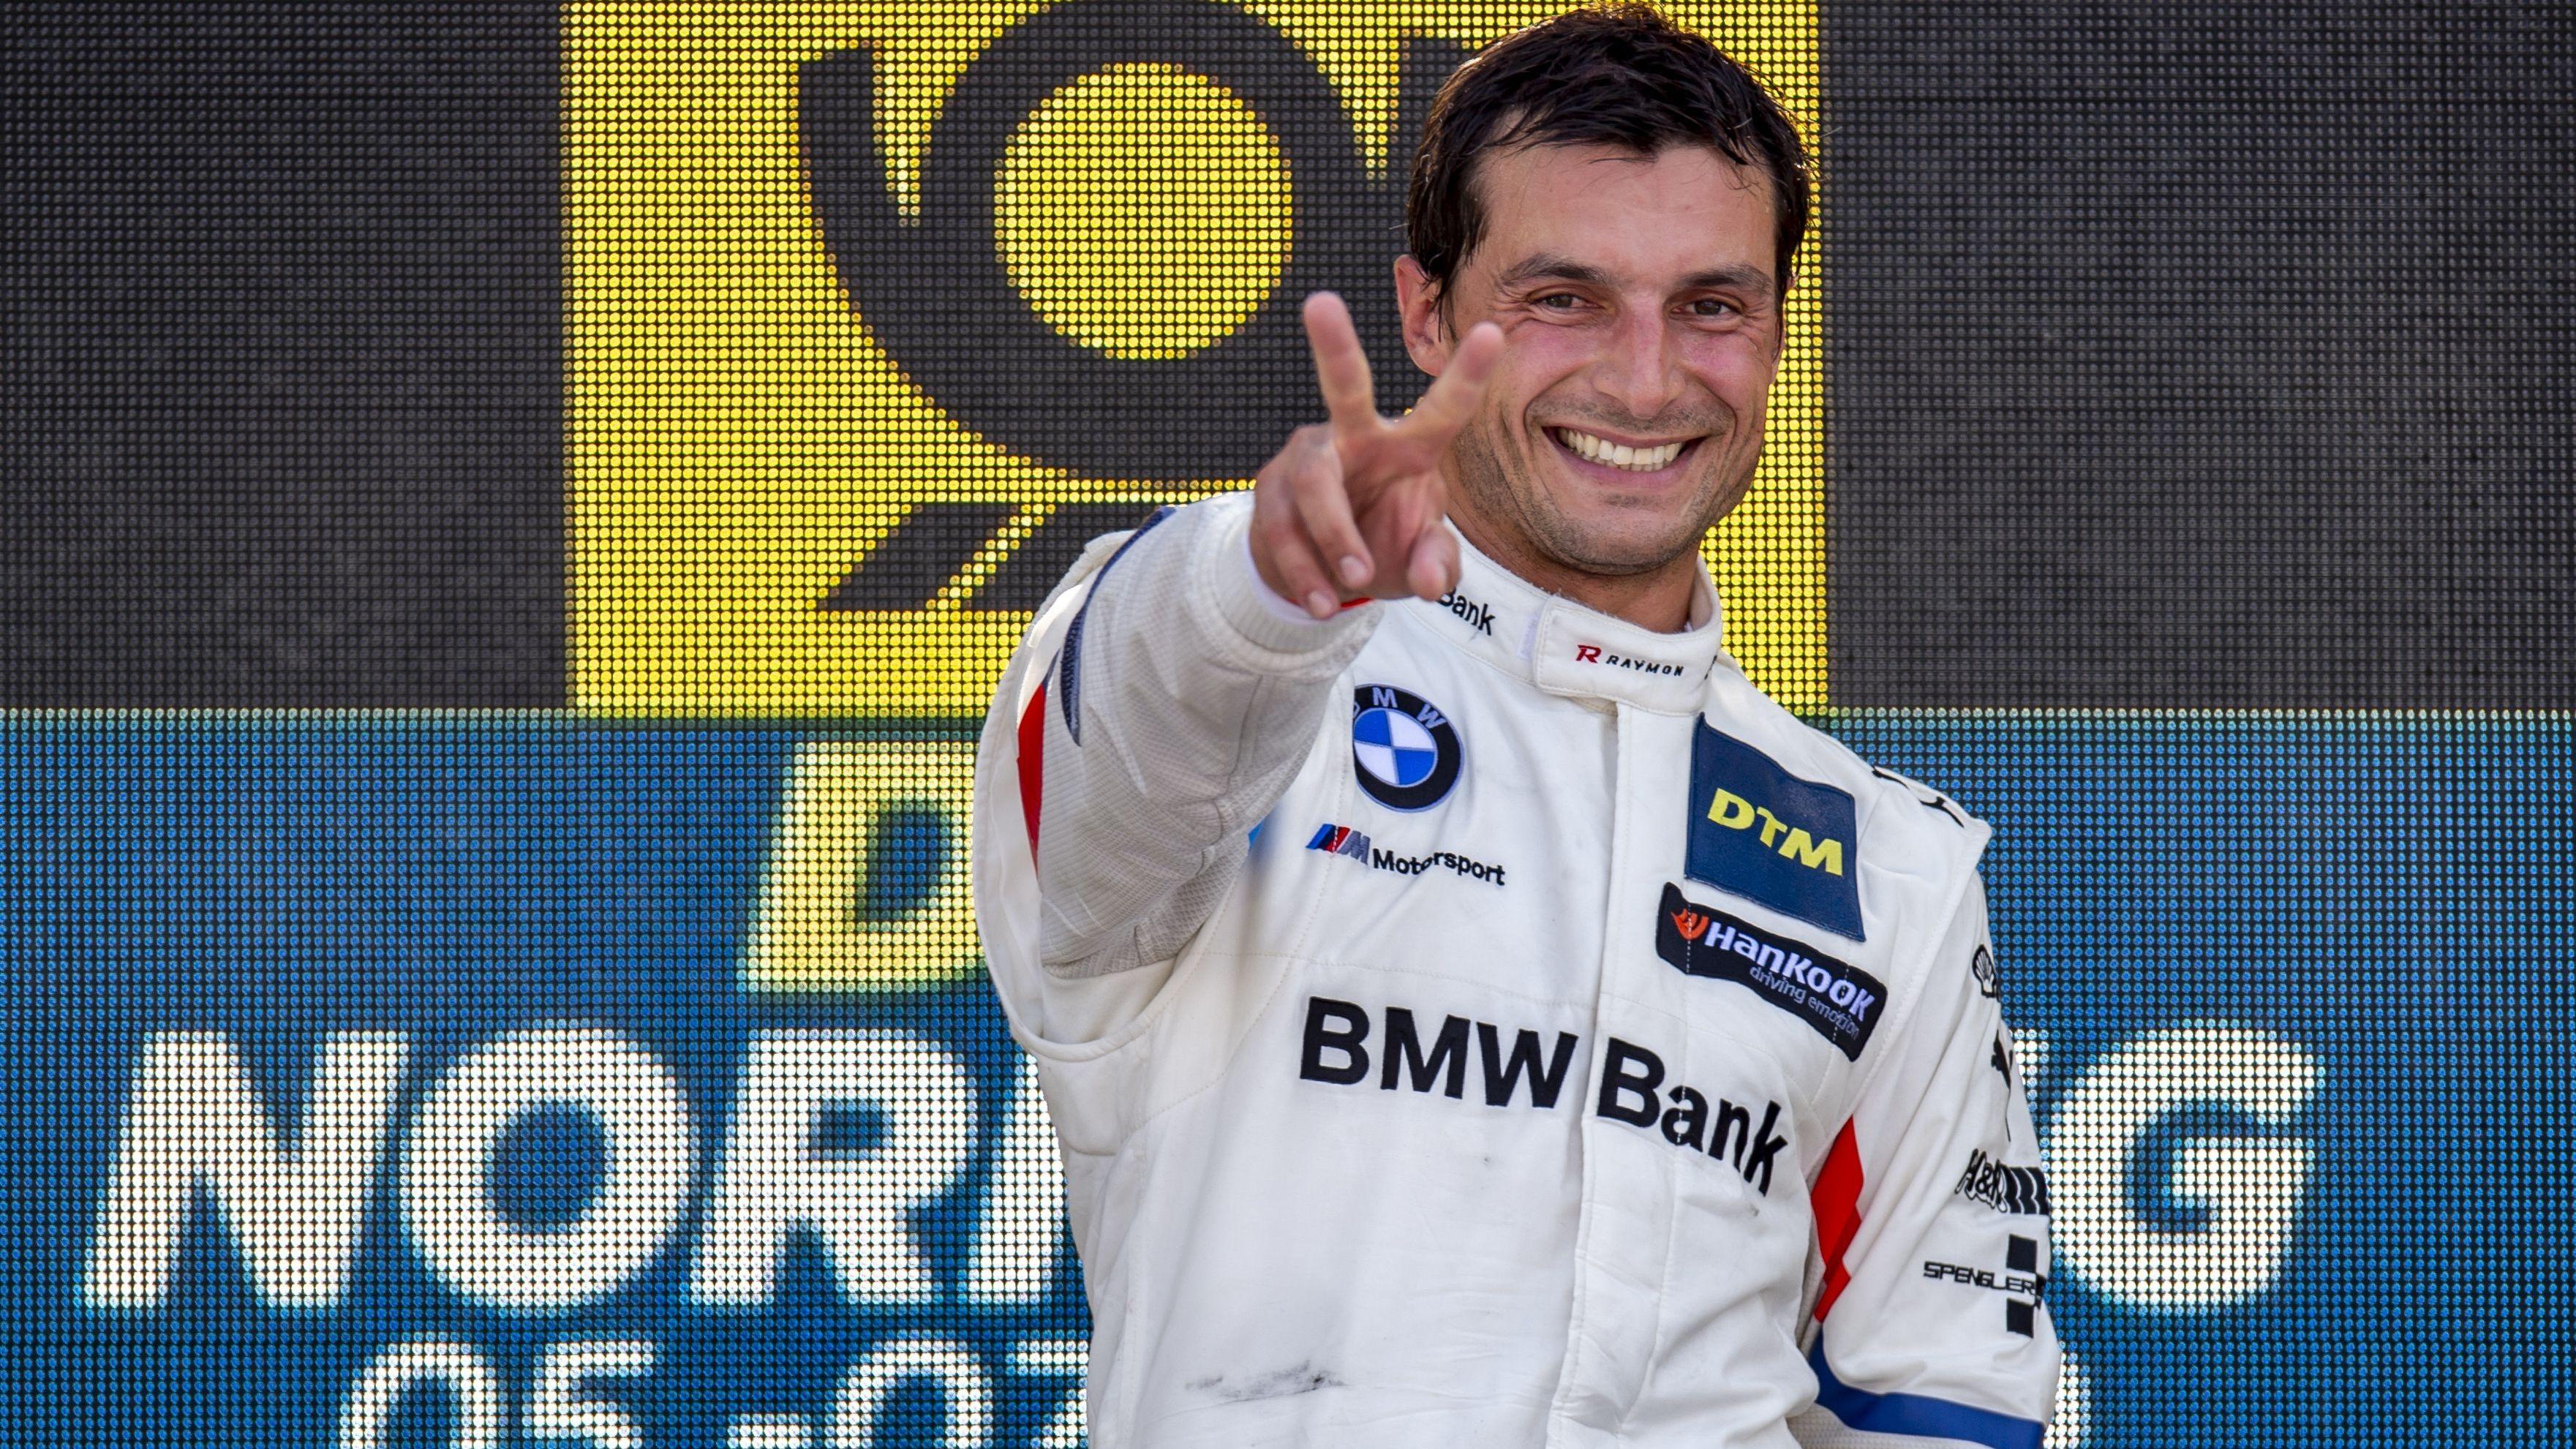 Bruno Spengler nach seinem Sieg beim DTM-Rennen auf dem Nürnberger Norisring.